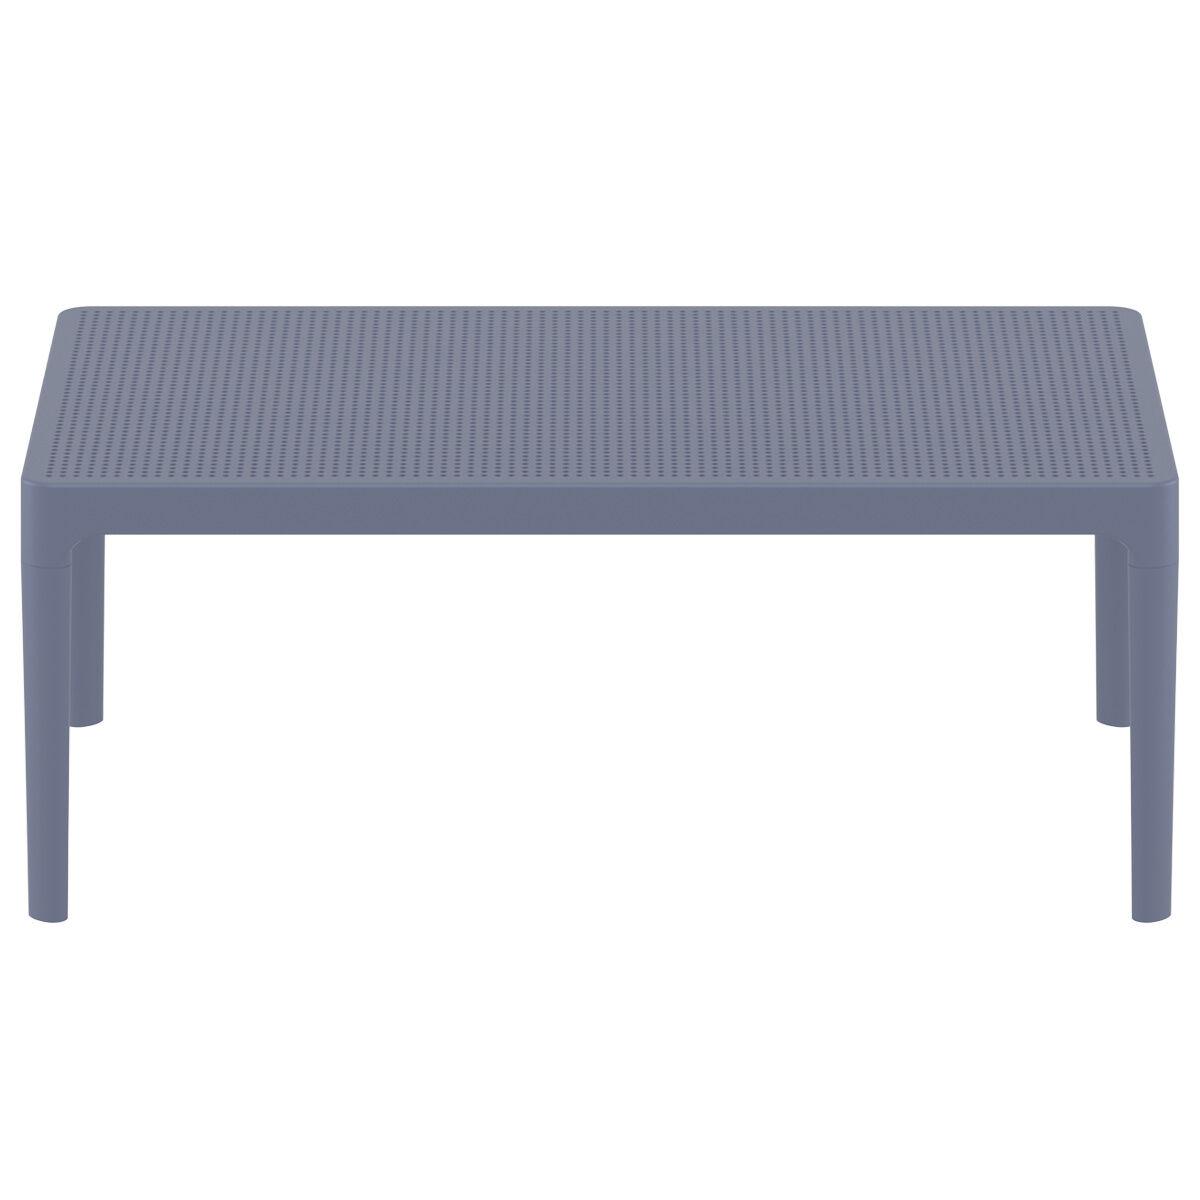 Miliboo Table basse design intérieur / extérieur gris OSKOL